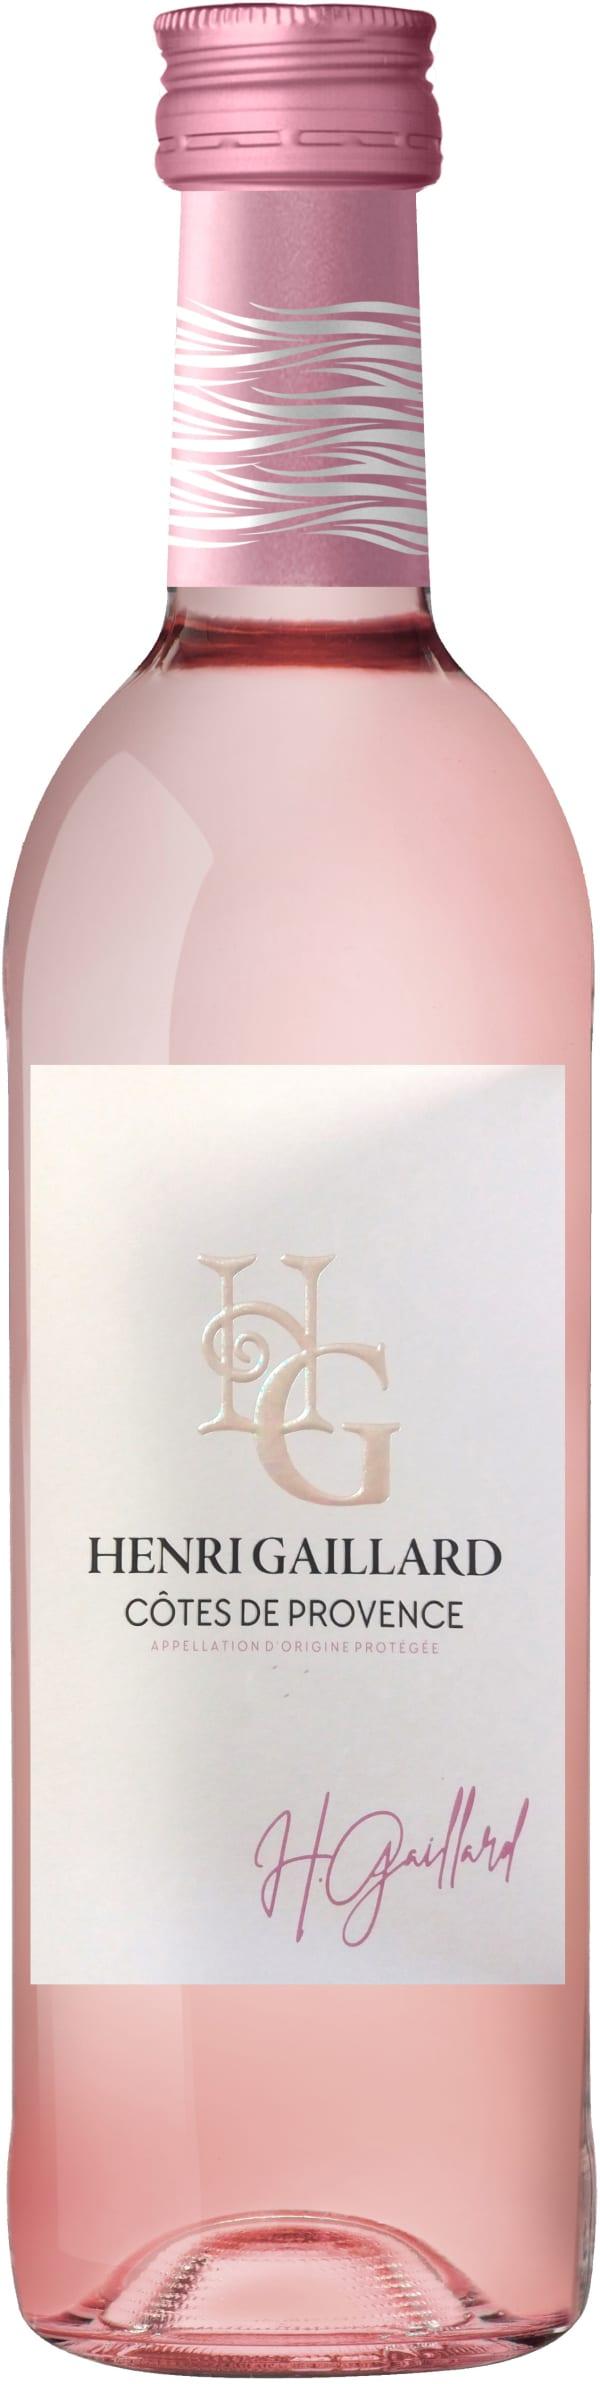 Henri Gaillard Côtes de Provence Rosé 2020